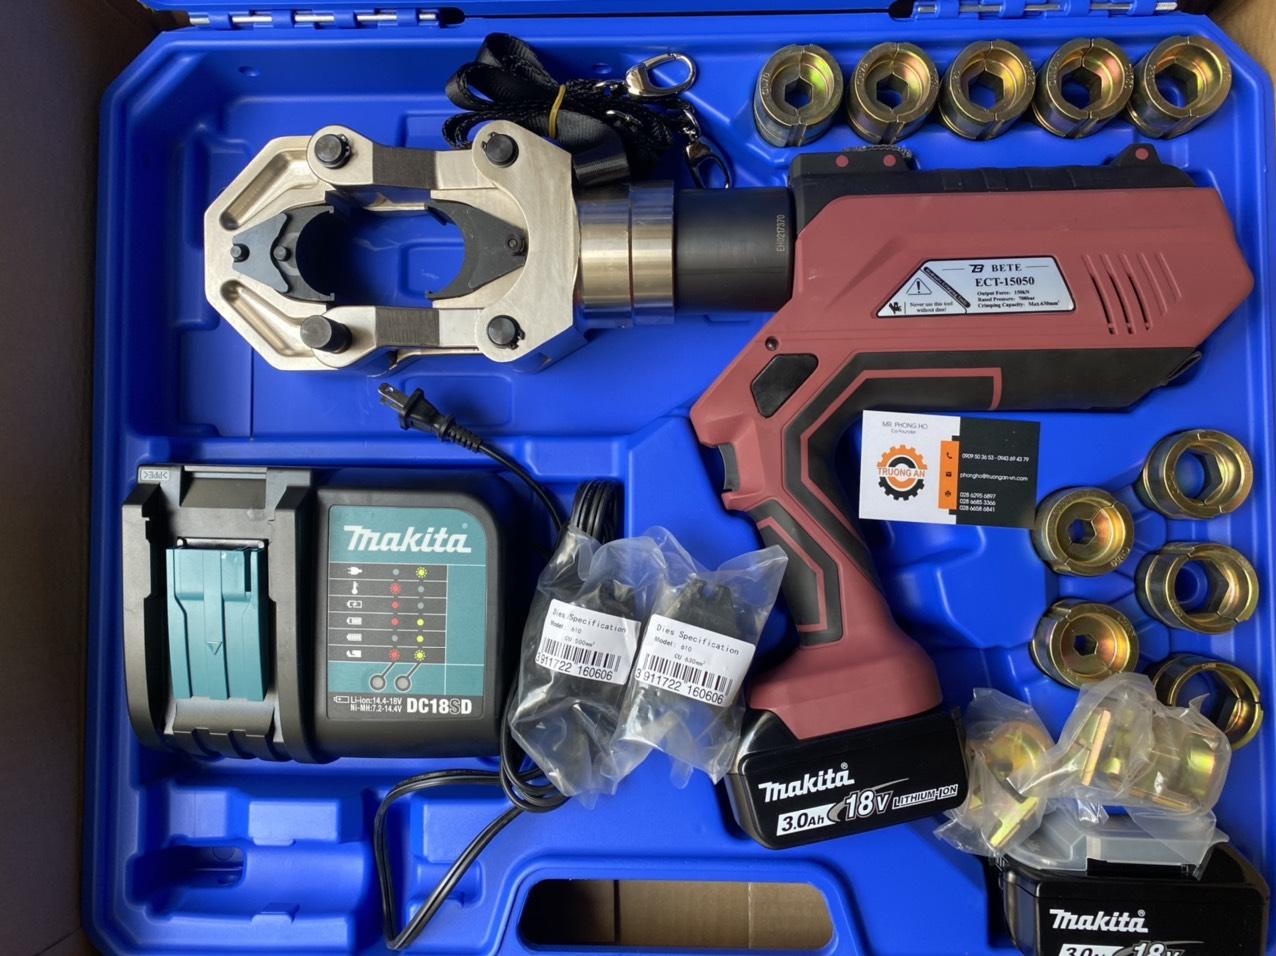 Kìm ép cos ( cốt) thuỷ lực dùng pin 15 tấn - ECT-15050